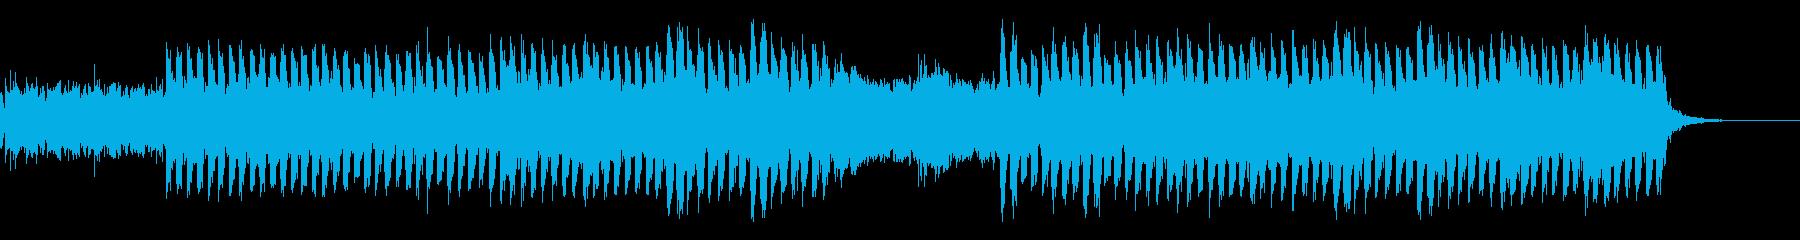 おしゃれ・かっこいい・EDMの再生済みの波形